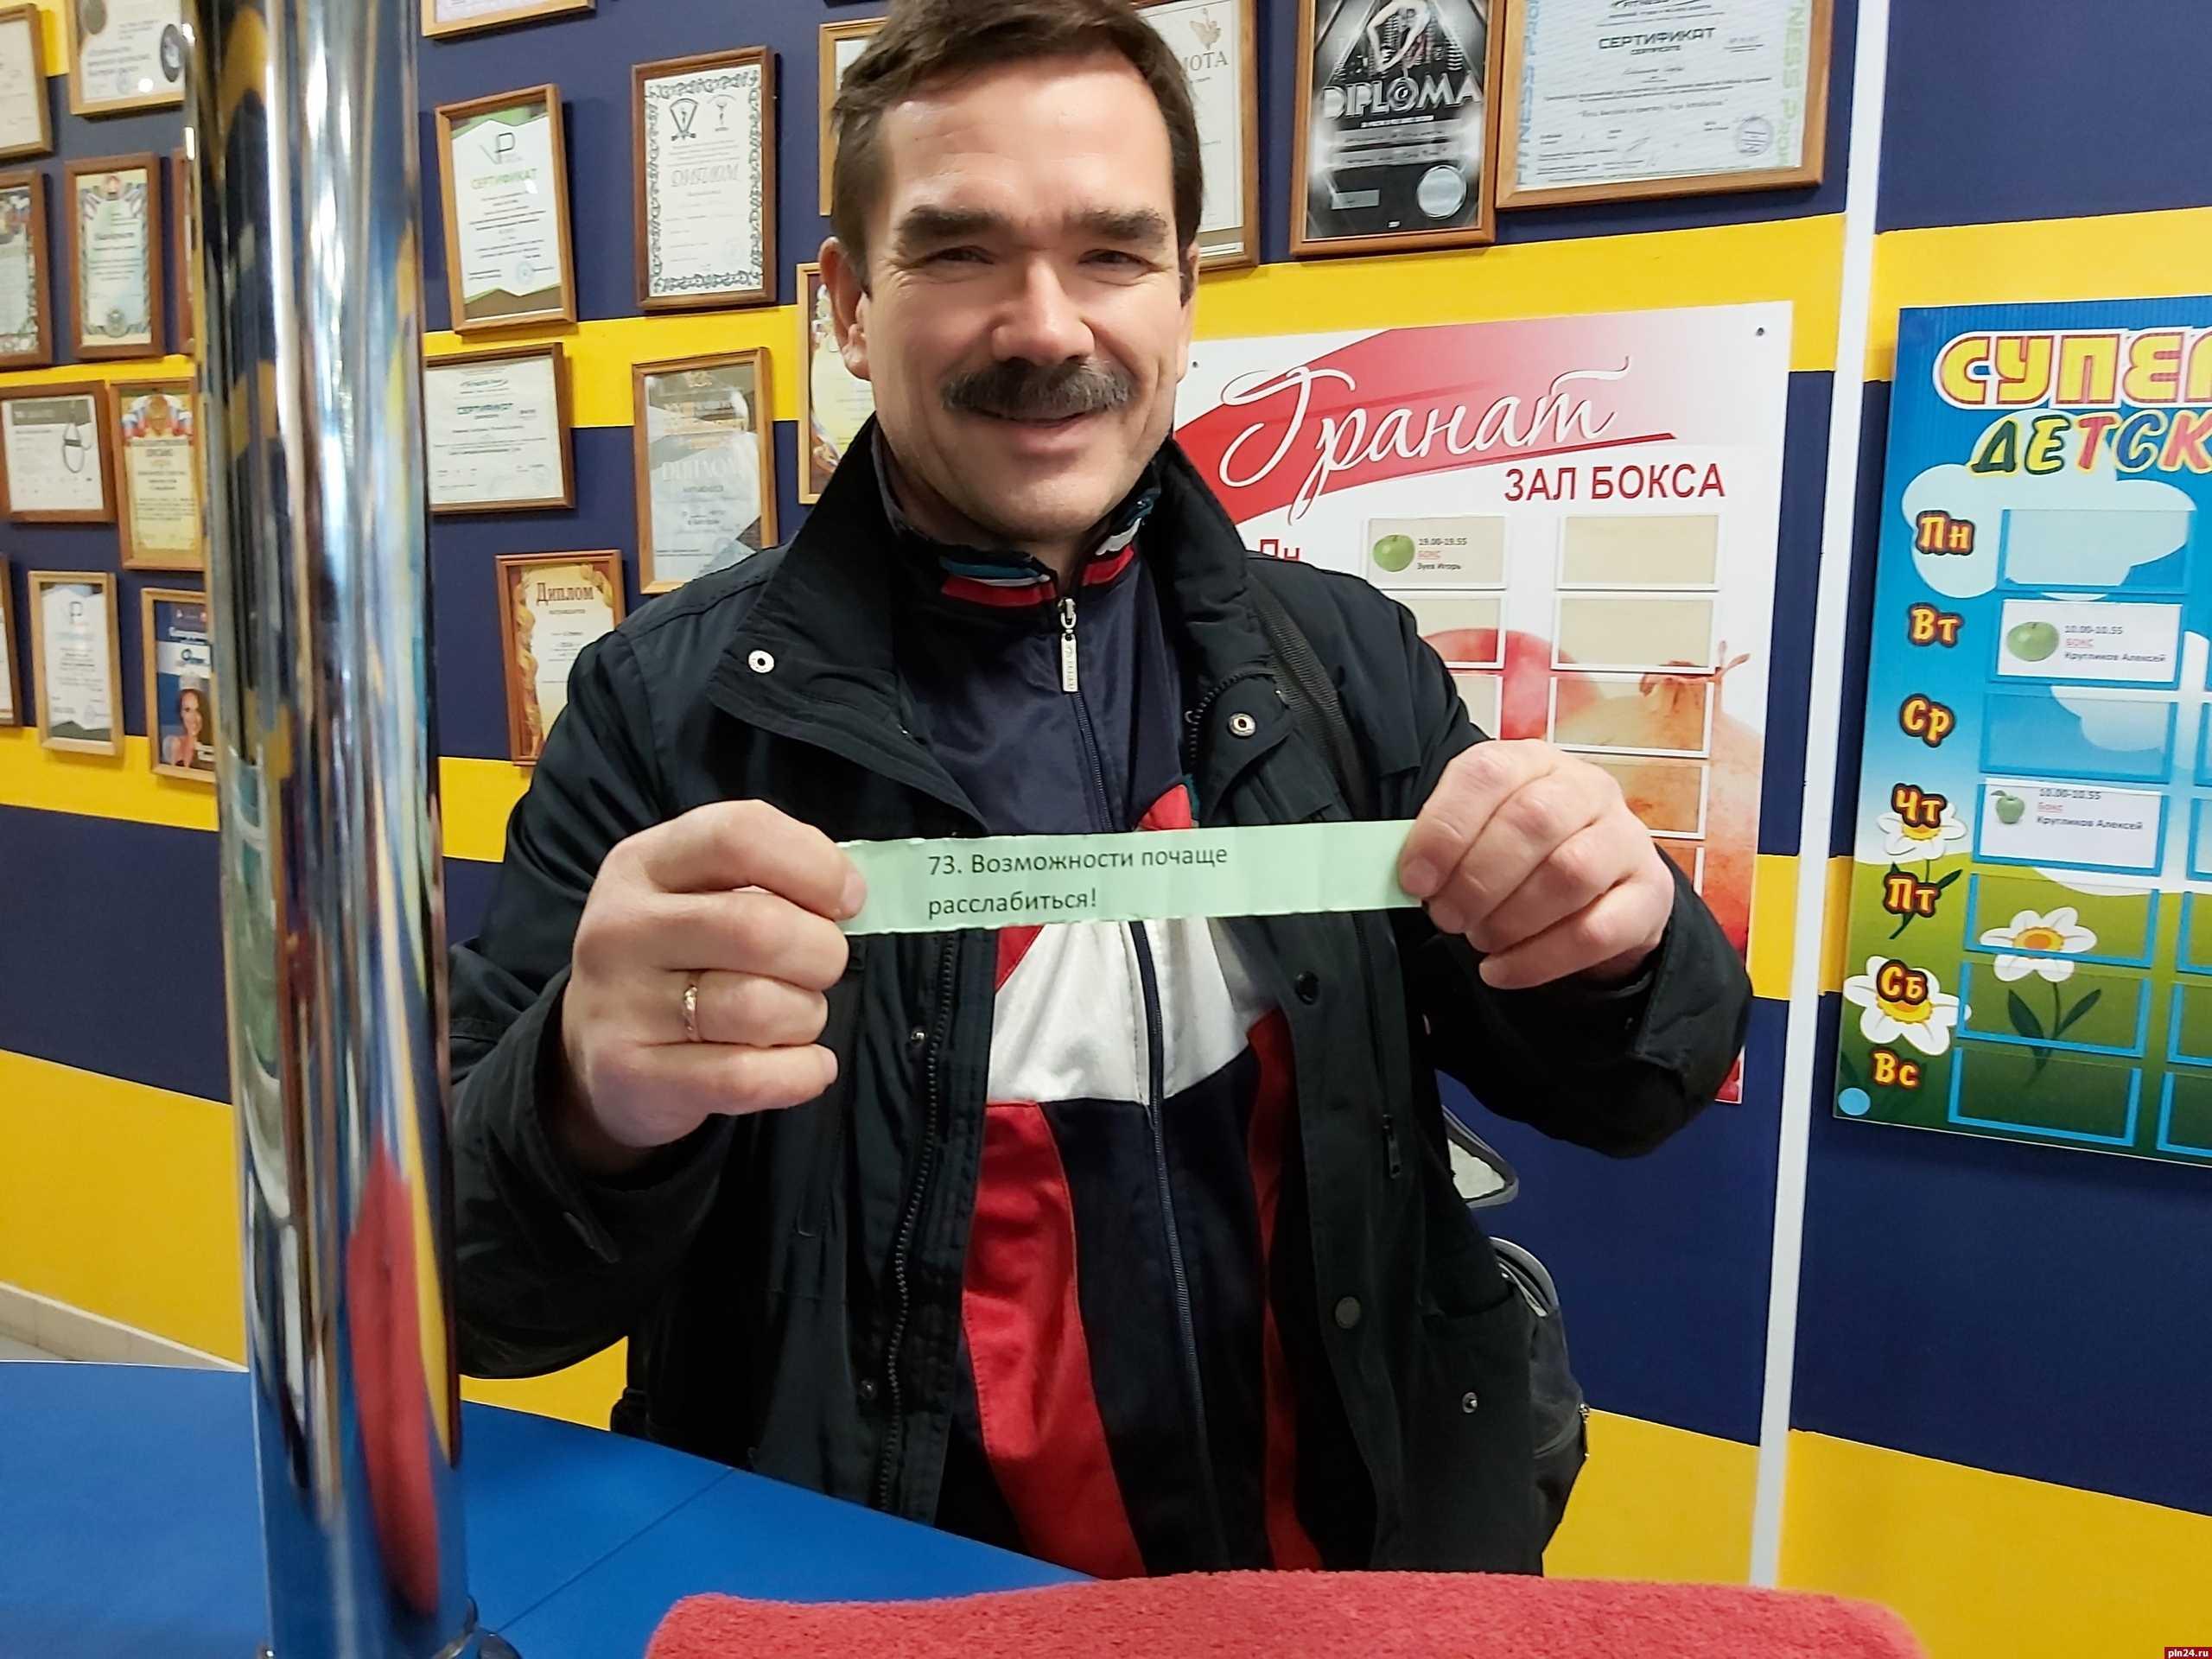 Eksperten fortalte, er det muligt at vinde en milliard i lotteriet - Moskva 24, 14.01.2020